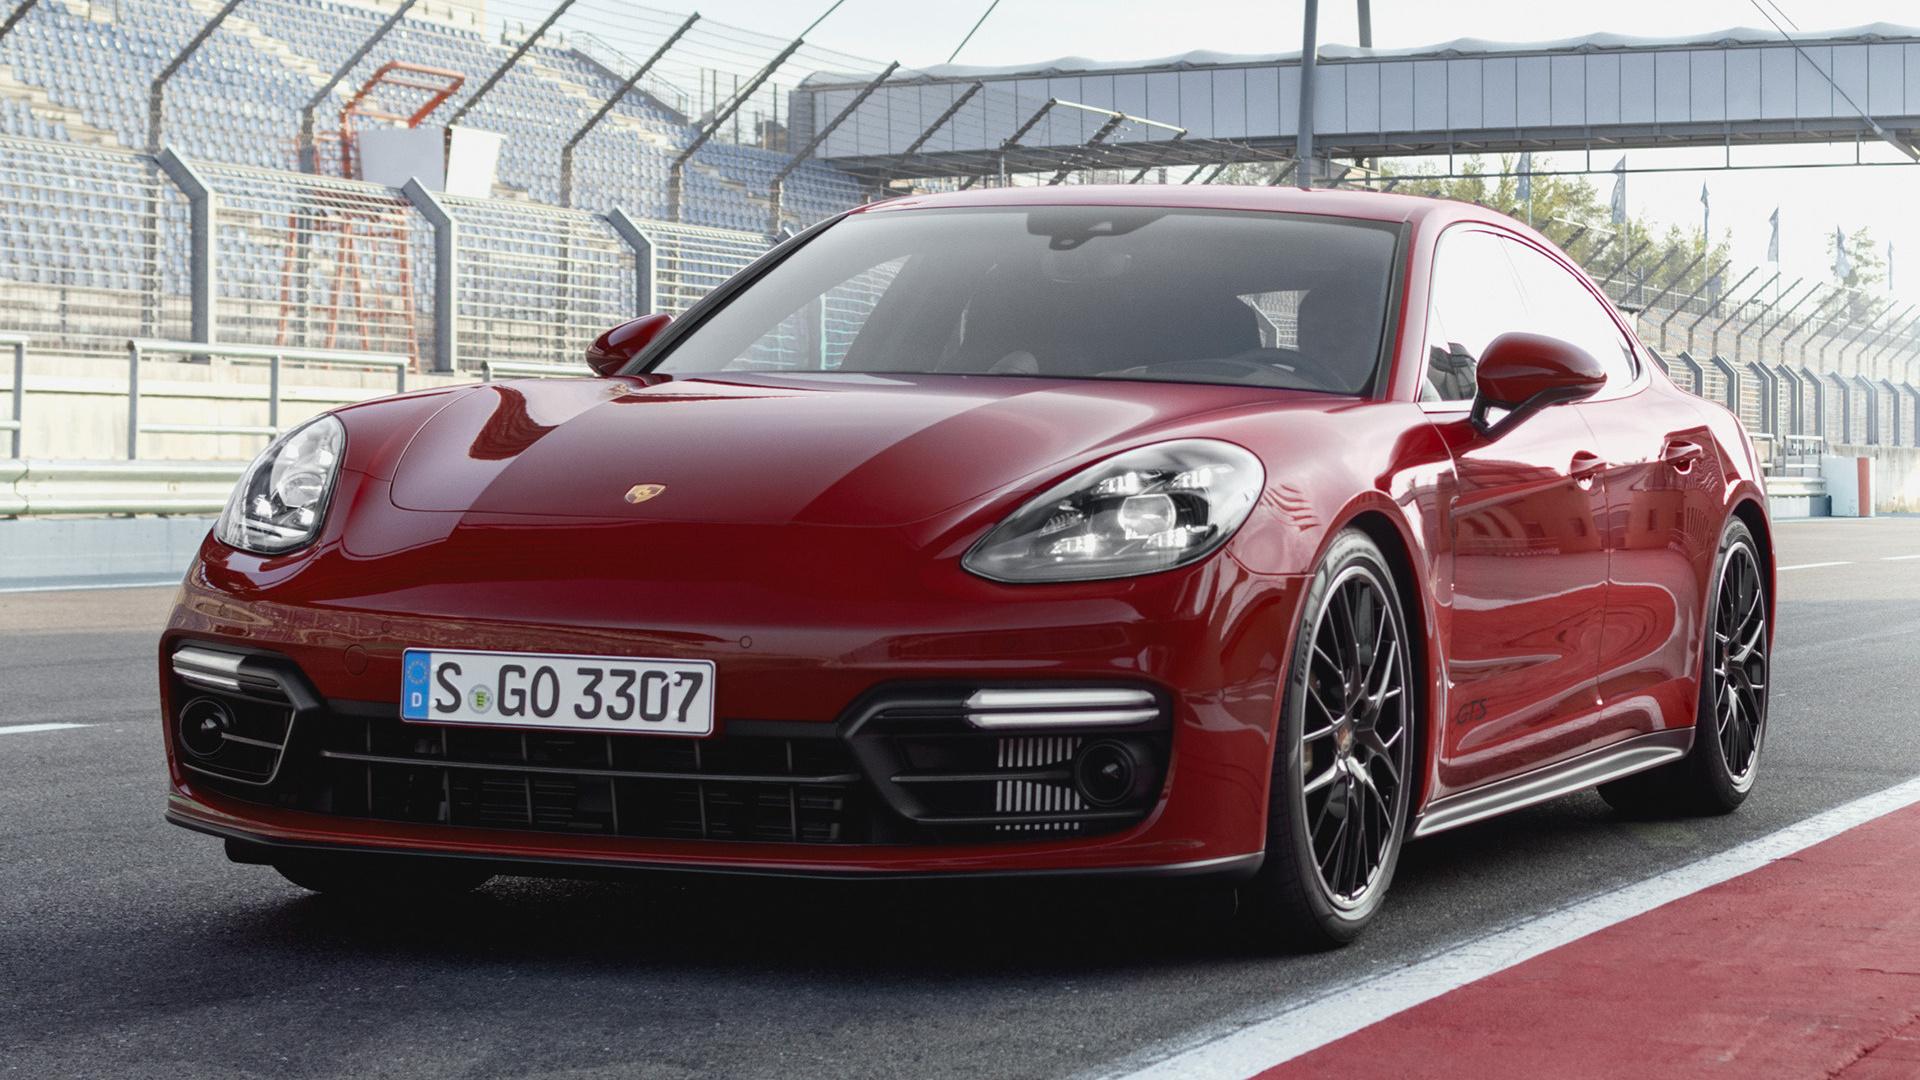 2018 Porsche Panamera Gts Fondos De Pantalla E Imágenes En